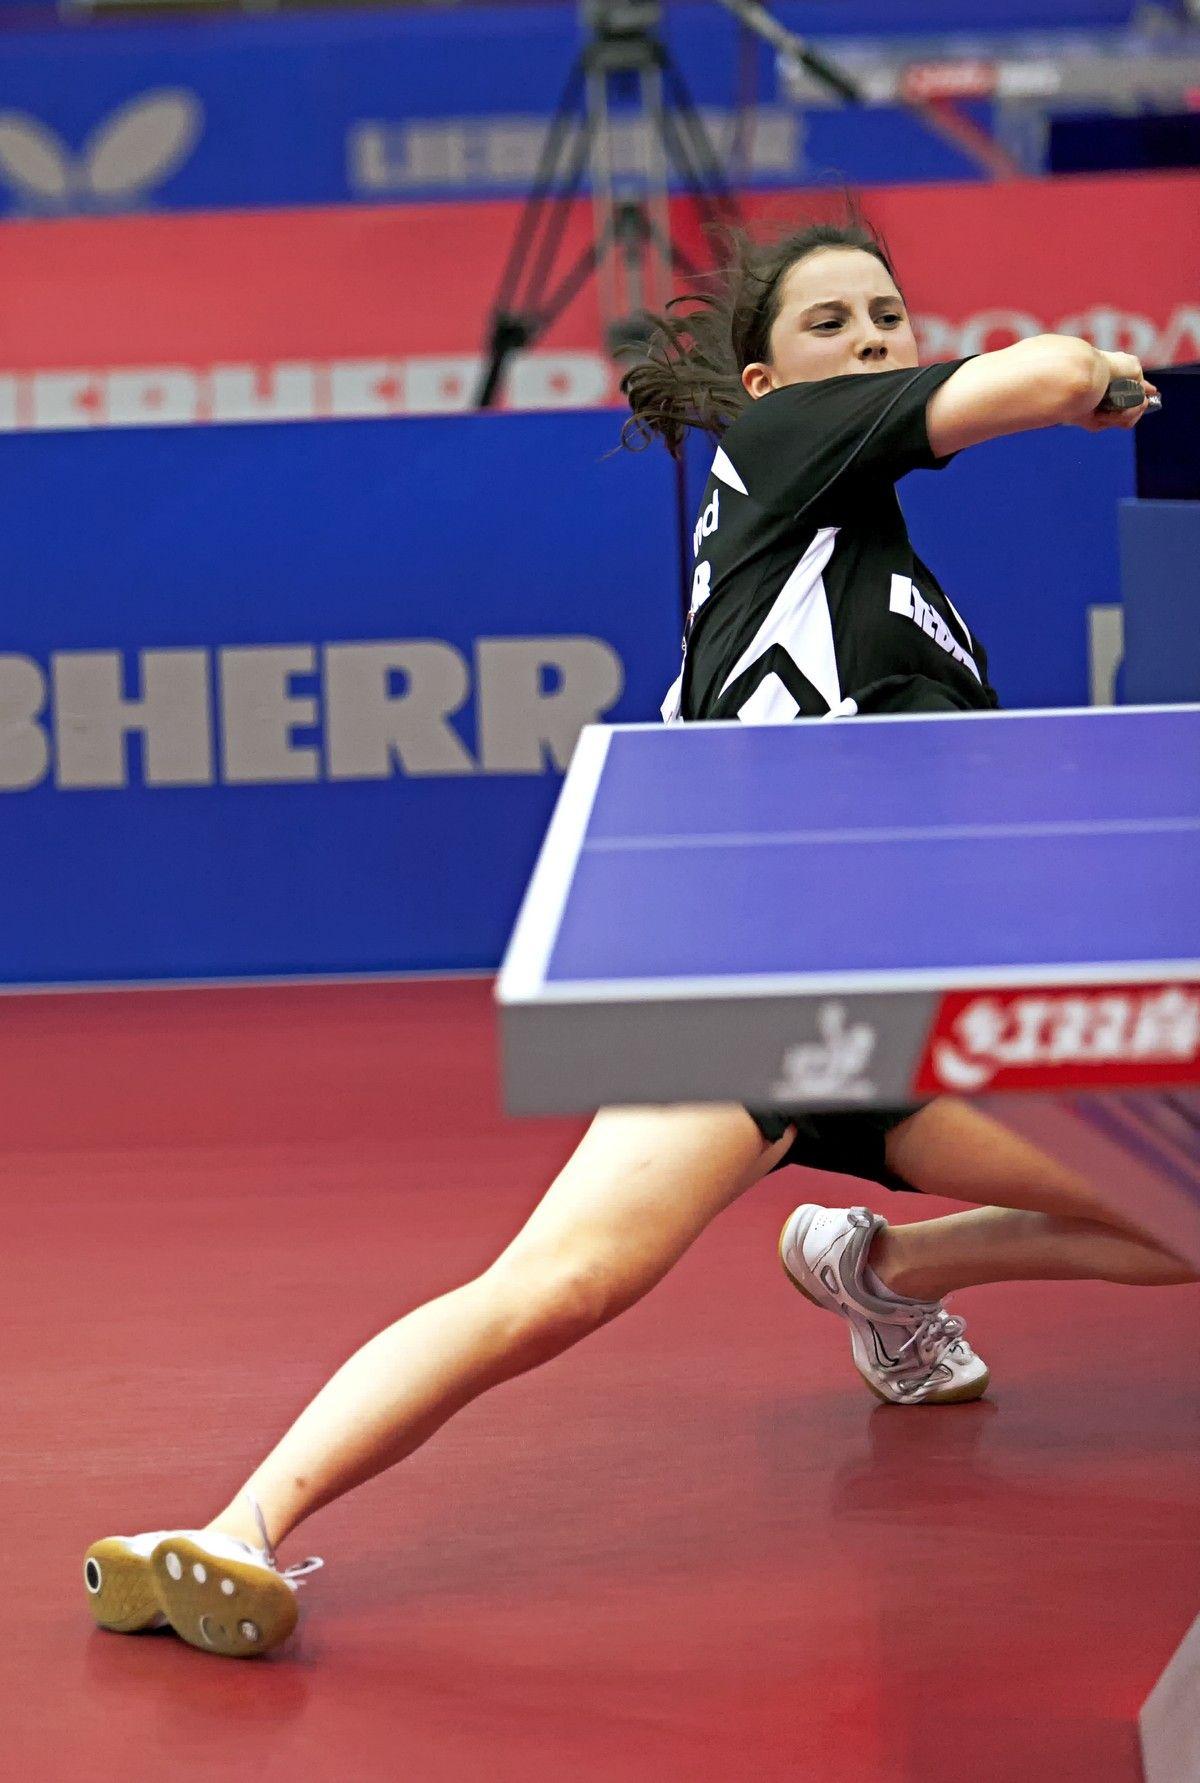 Сабина Винтер, Германия. настольный теннис пинг-понг спорт table tennis ping-pong sport girl